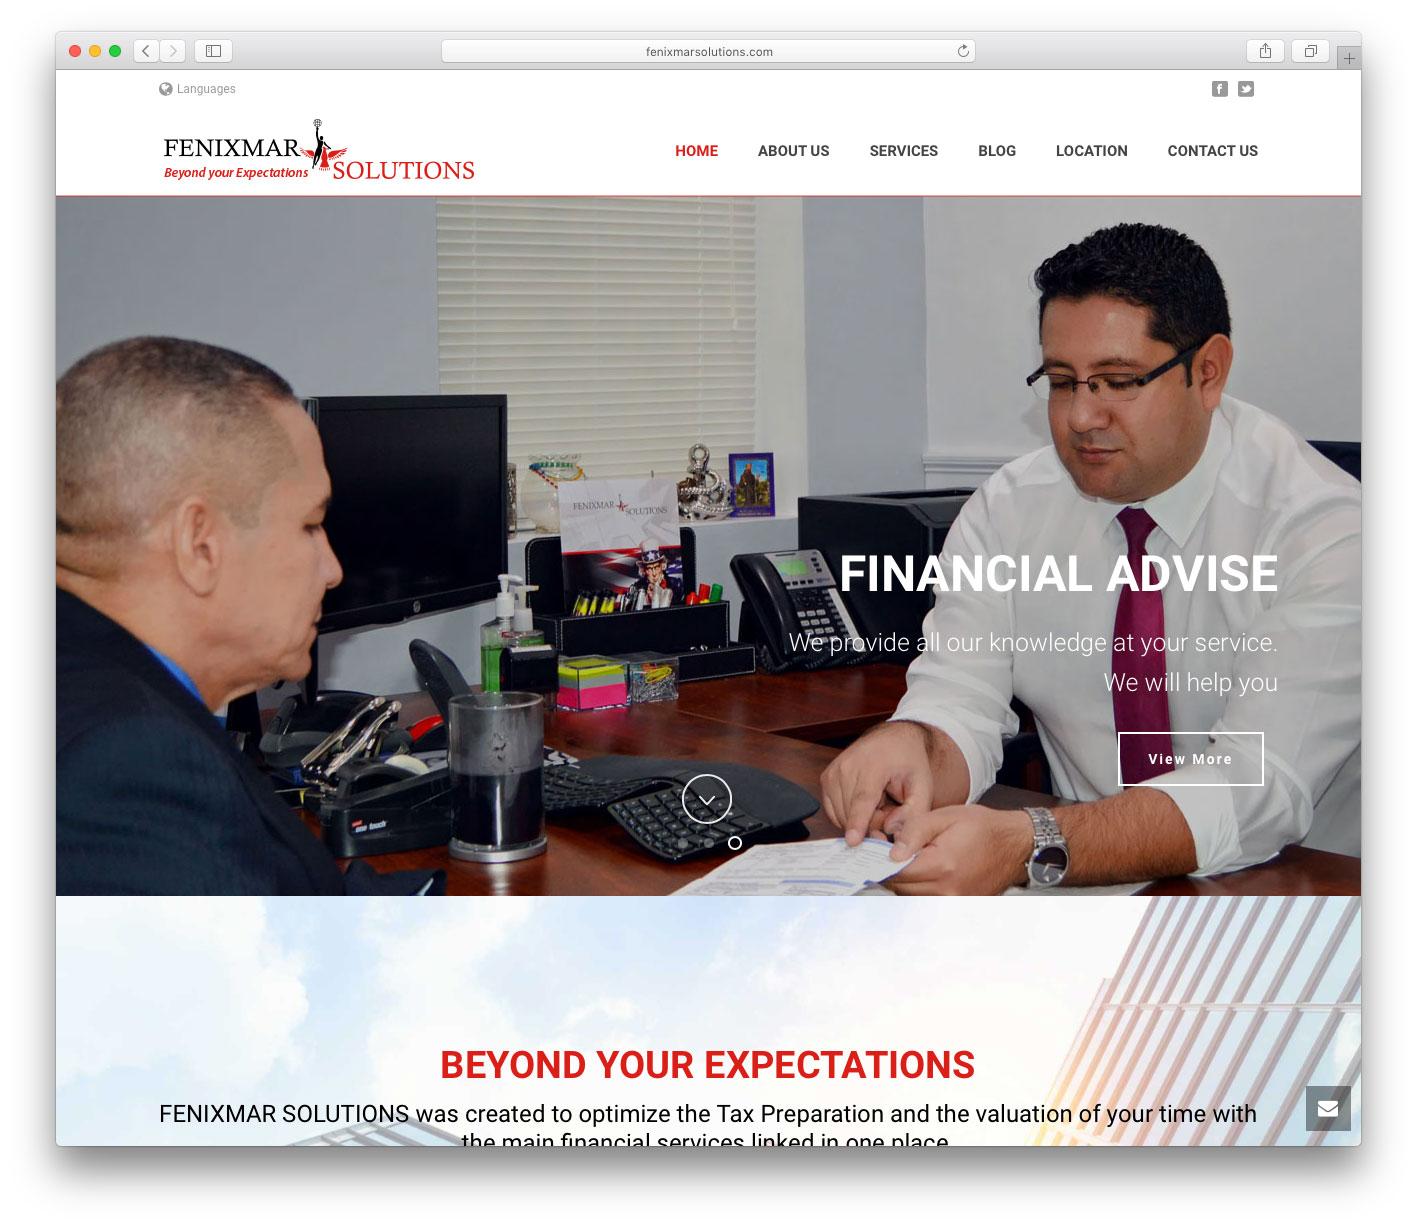 pagina-web-de-fenixmar-solutions